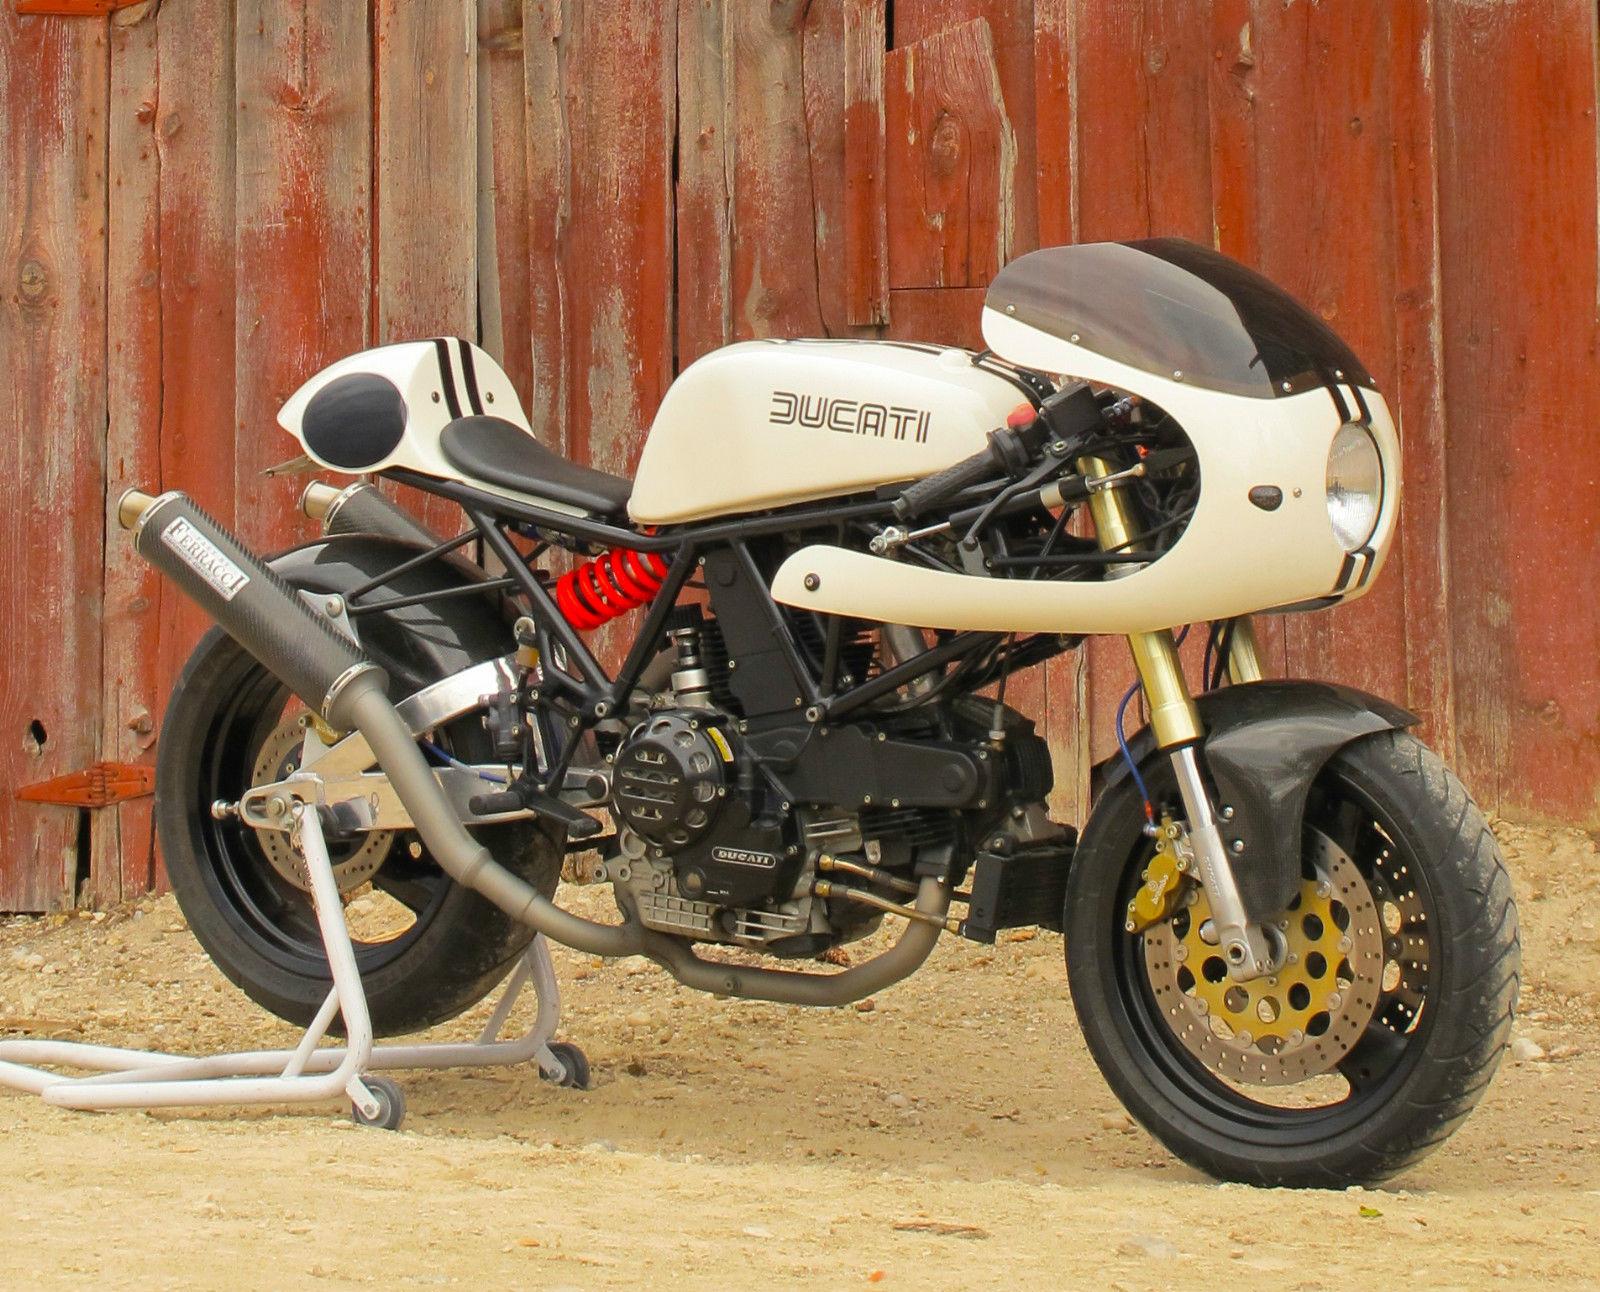 1993 Ducati Supersport 900